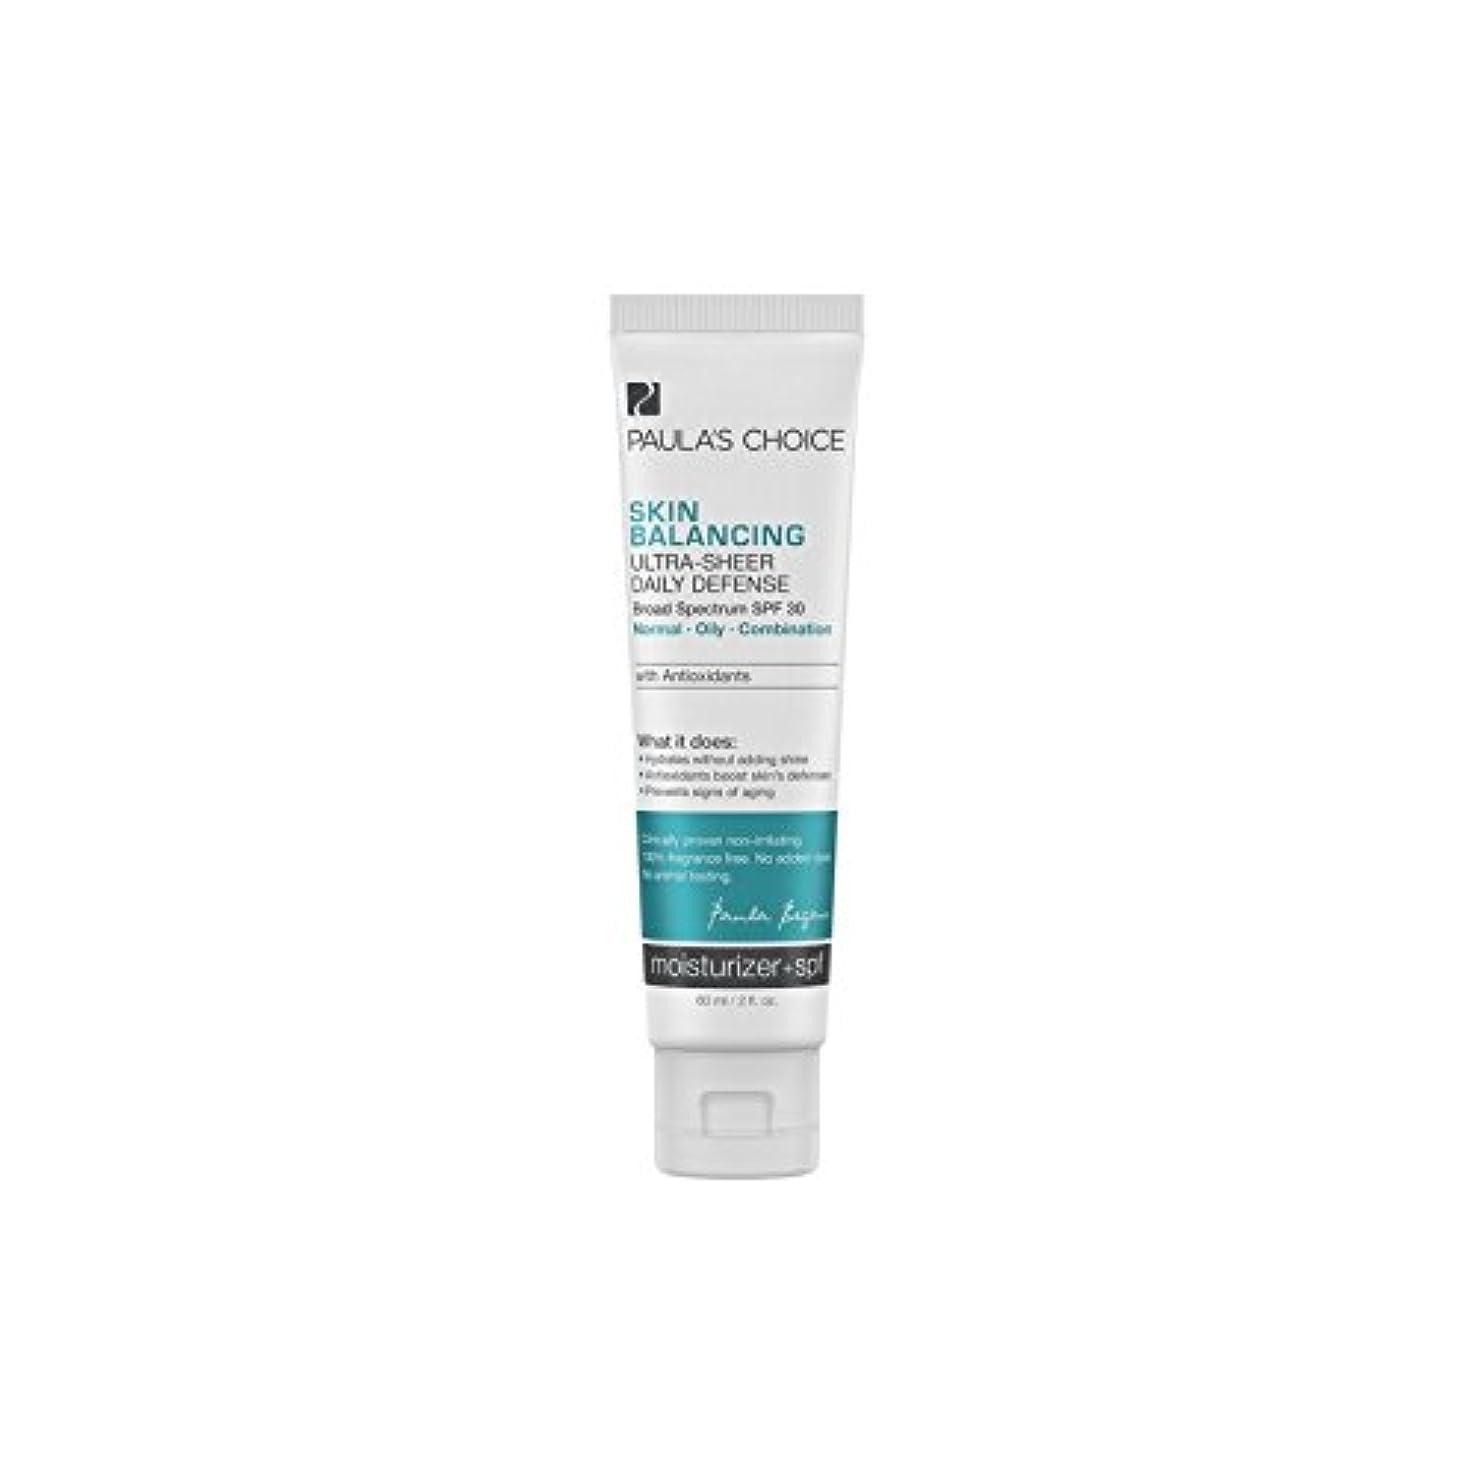 反響する日光先行するPaula's Choice Skin Balancing Ultra-Sheer Daily Defense Spf30 (60ml) (Pack of 6) - ポーラチョイスの肌のバランスウルトラシアー毎日防衛30(60ミリリットル) x6 [並行輸入品]